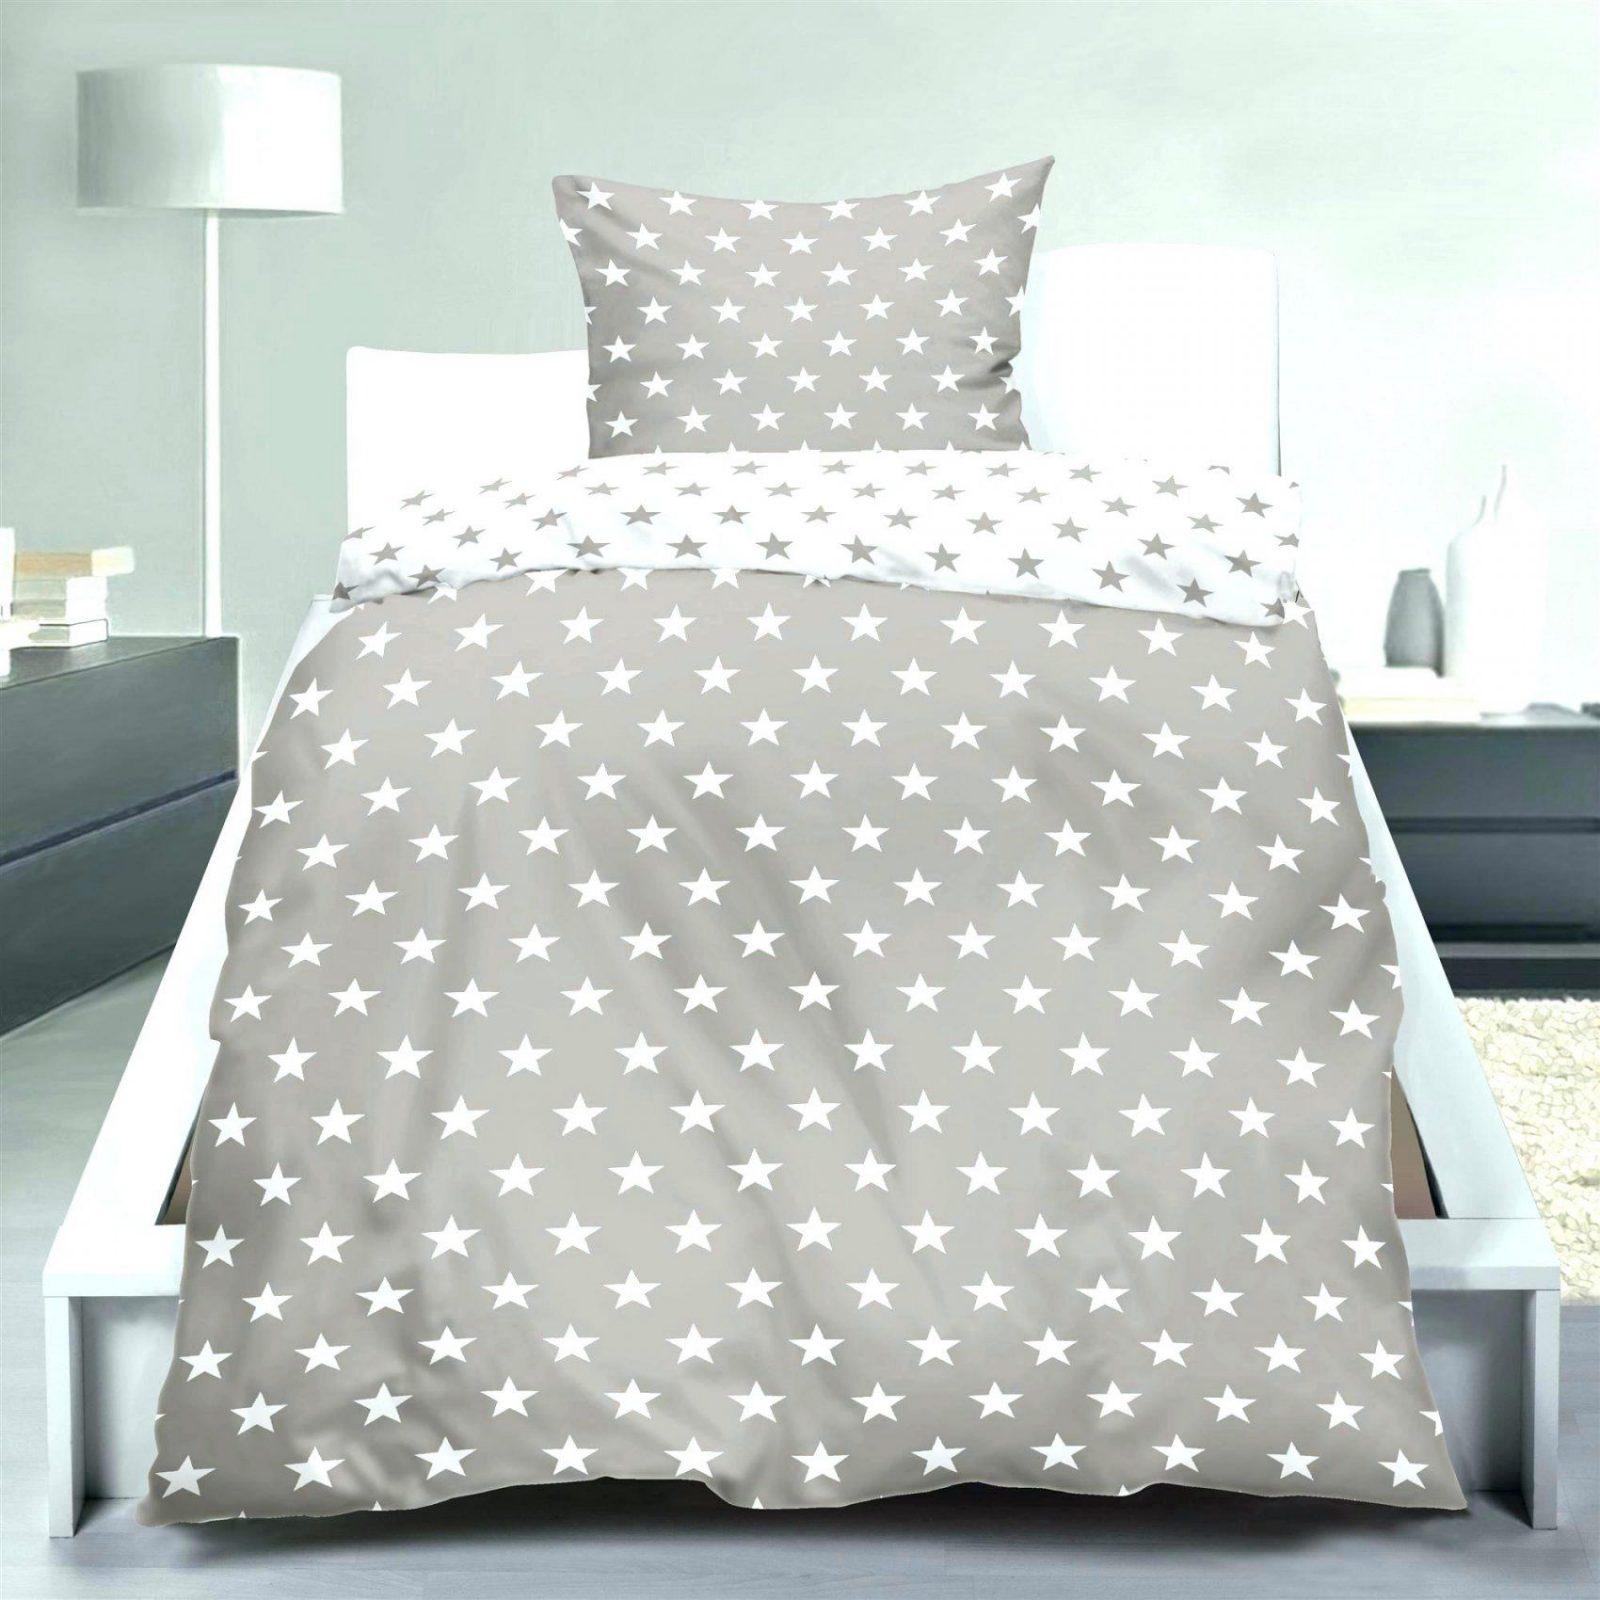 Linon Bettwasche Bettwasche Bettwasche Qualitatsunterschiede Linon von Linon Bettwäsche Wikipedia Photo